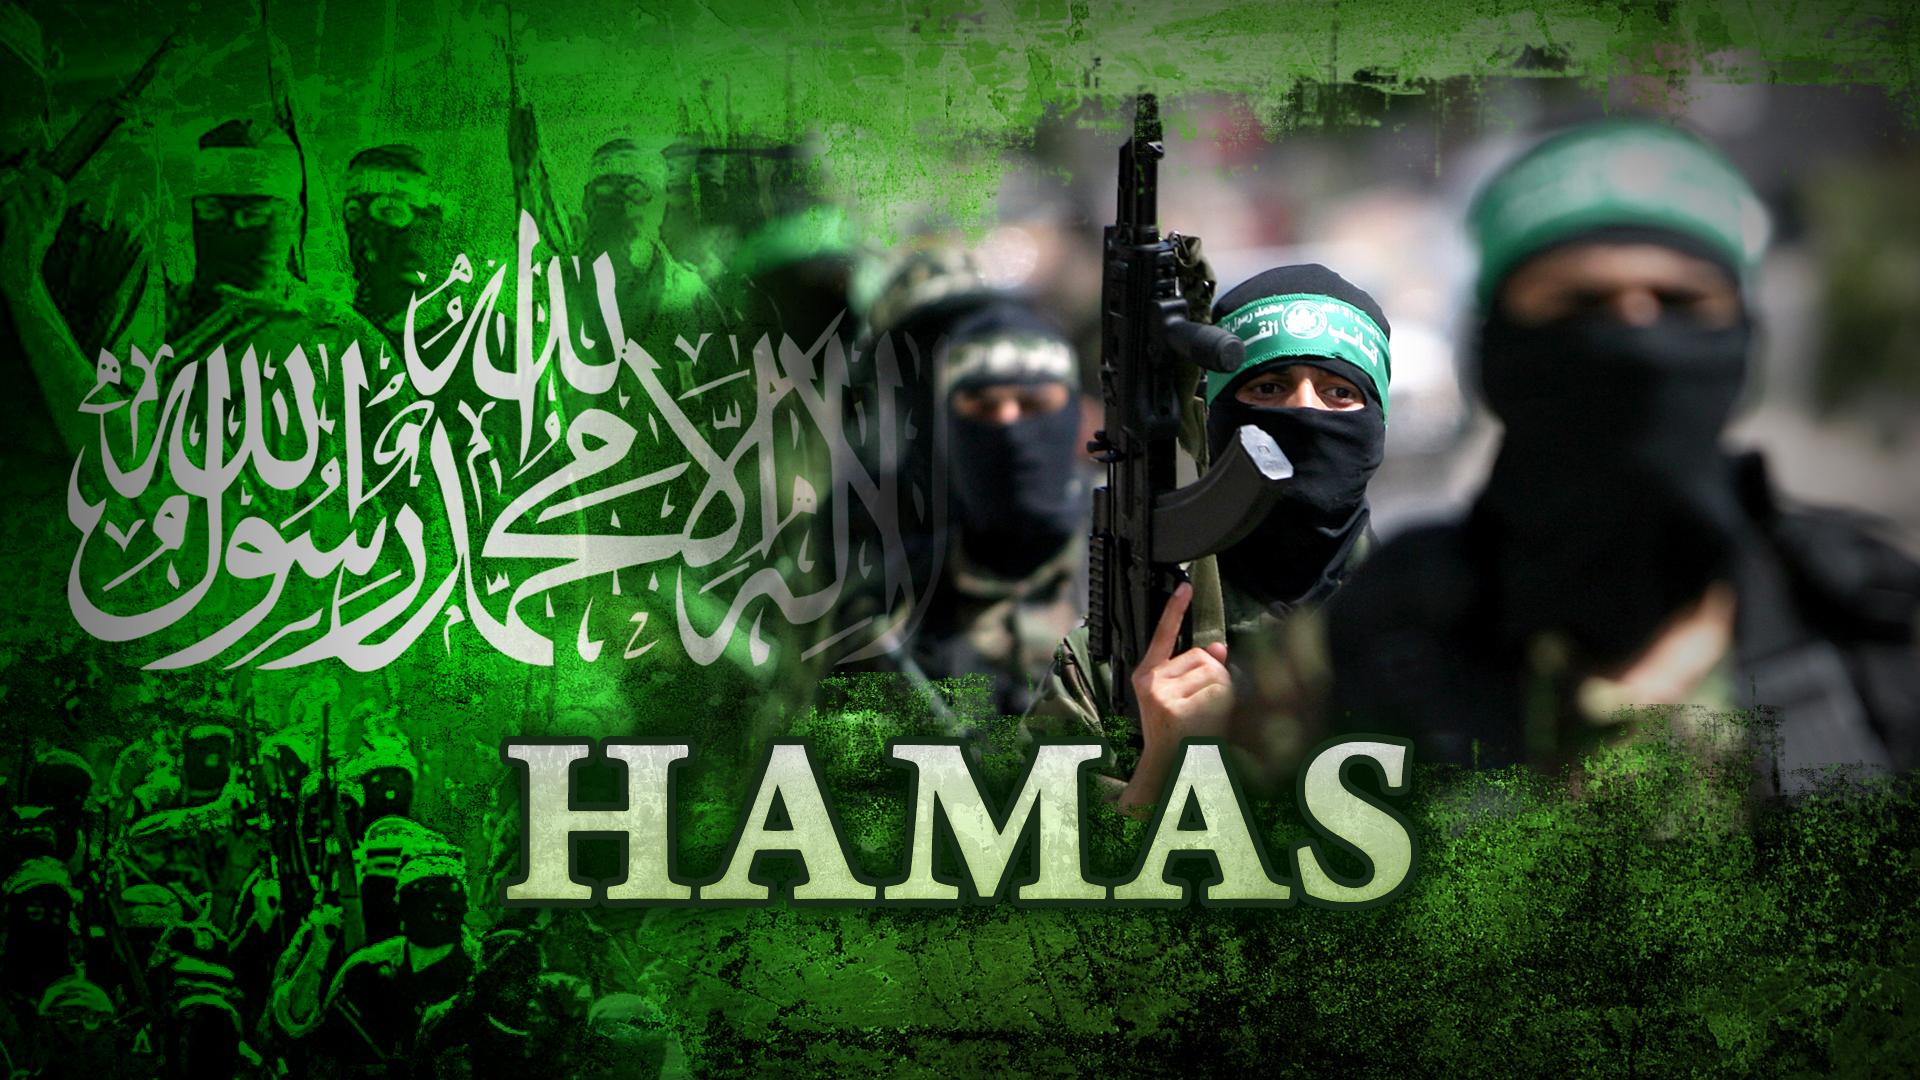 Studentii militeaza in numele Hamas